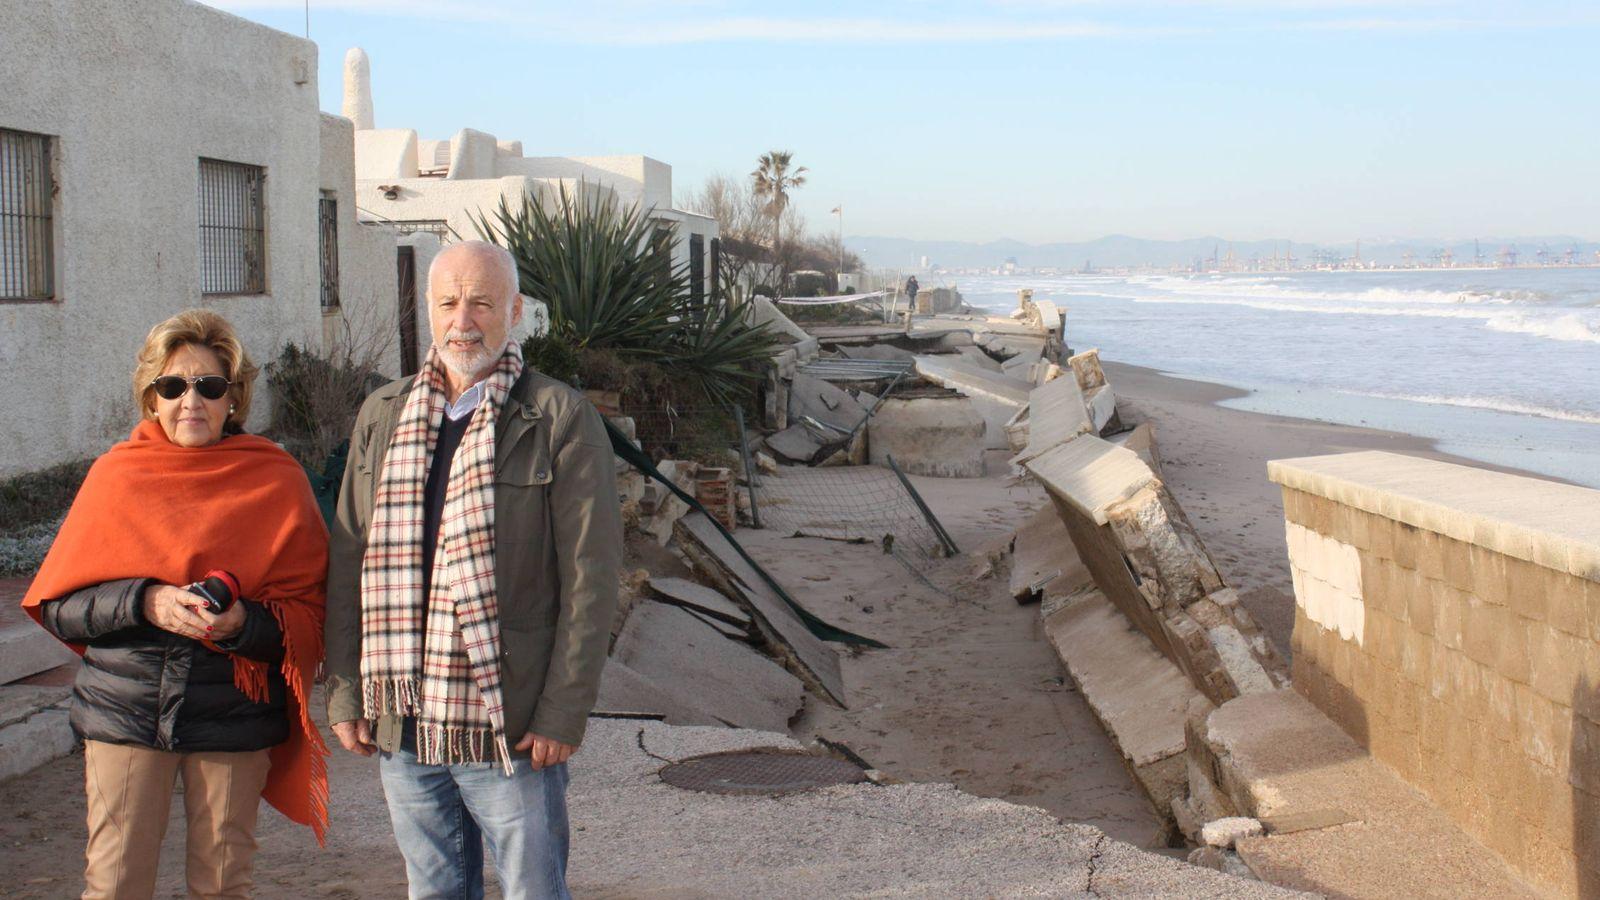 Noticias de Comunidad Valenciana: El mar está devorando mi